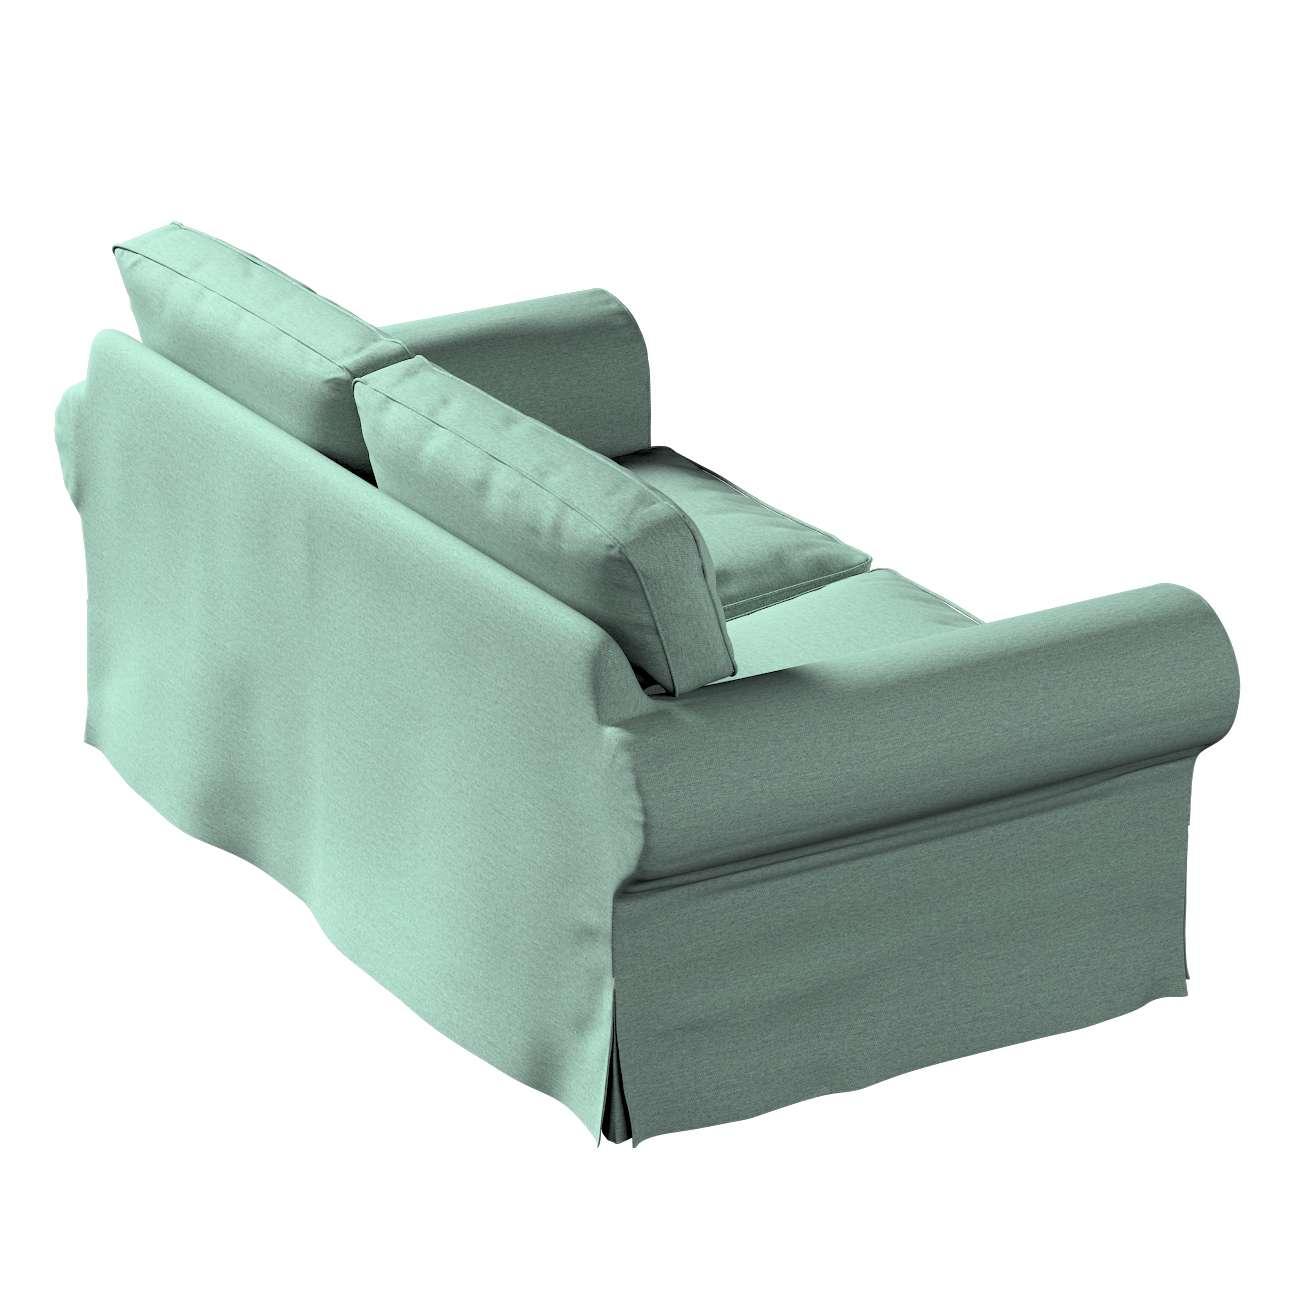 Pokrowiec na sofę Ektorp 2-osobową, rozkładaną, model do 2012 w kolekcji Madrid, tkanina: 161-89